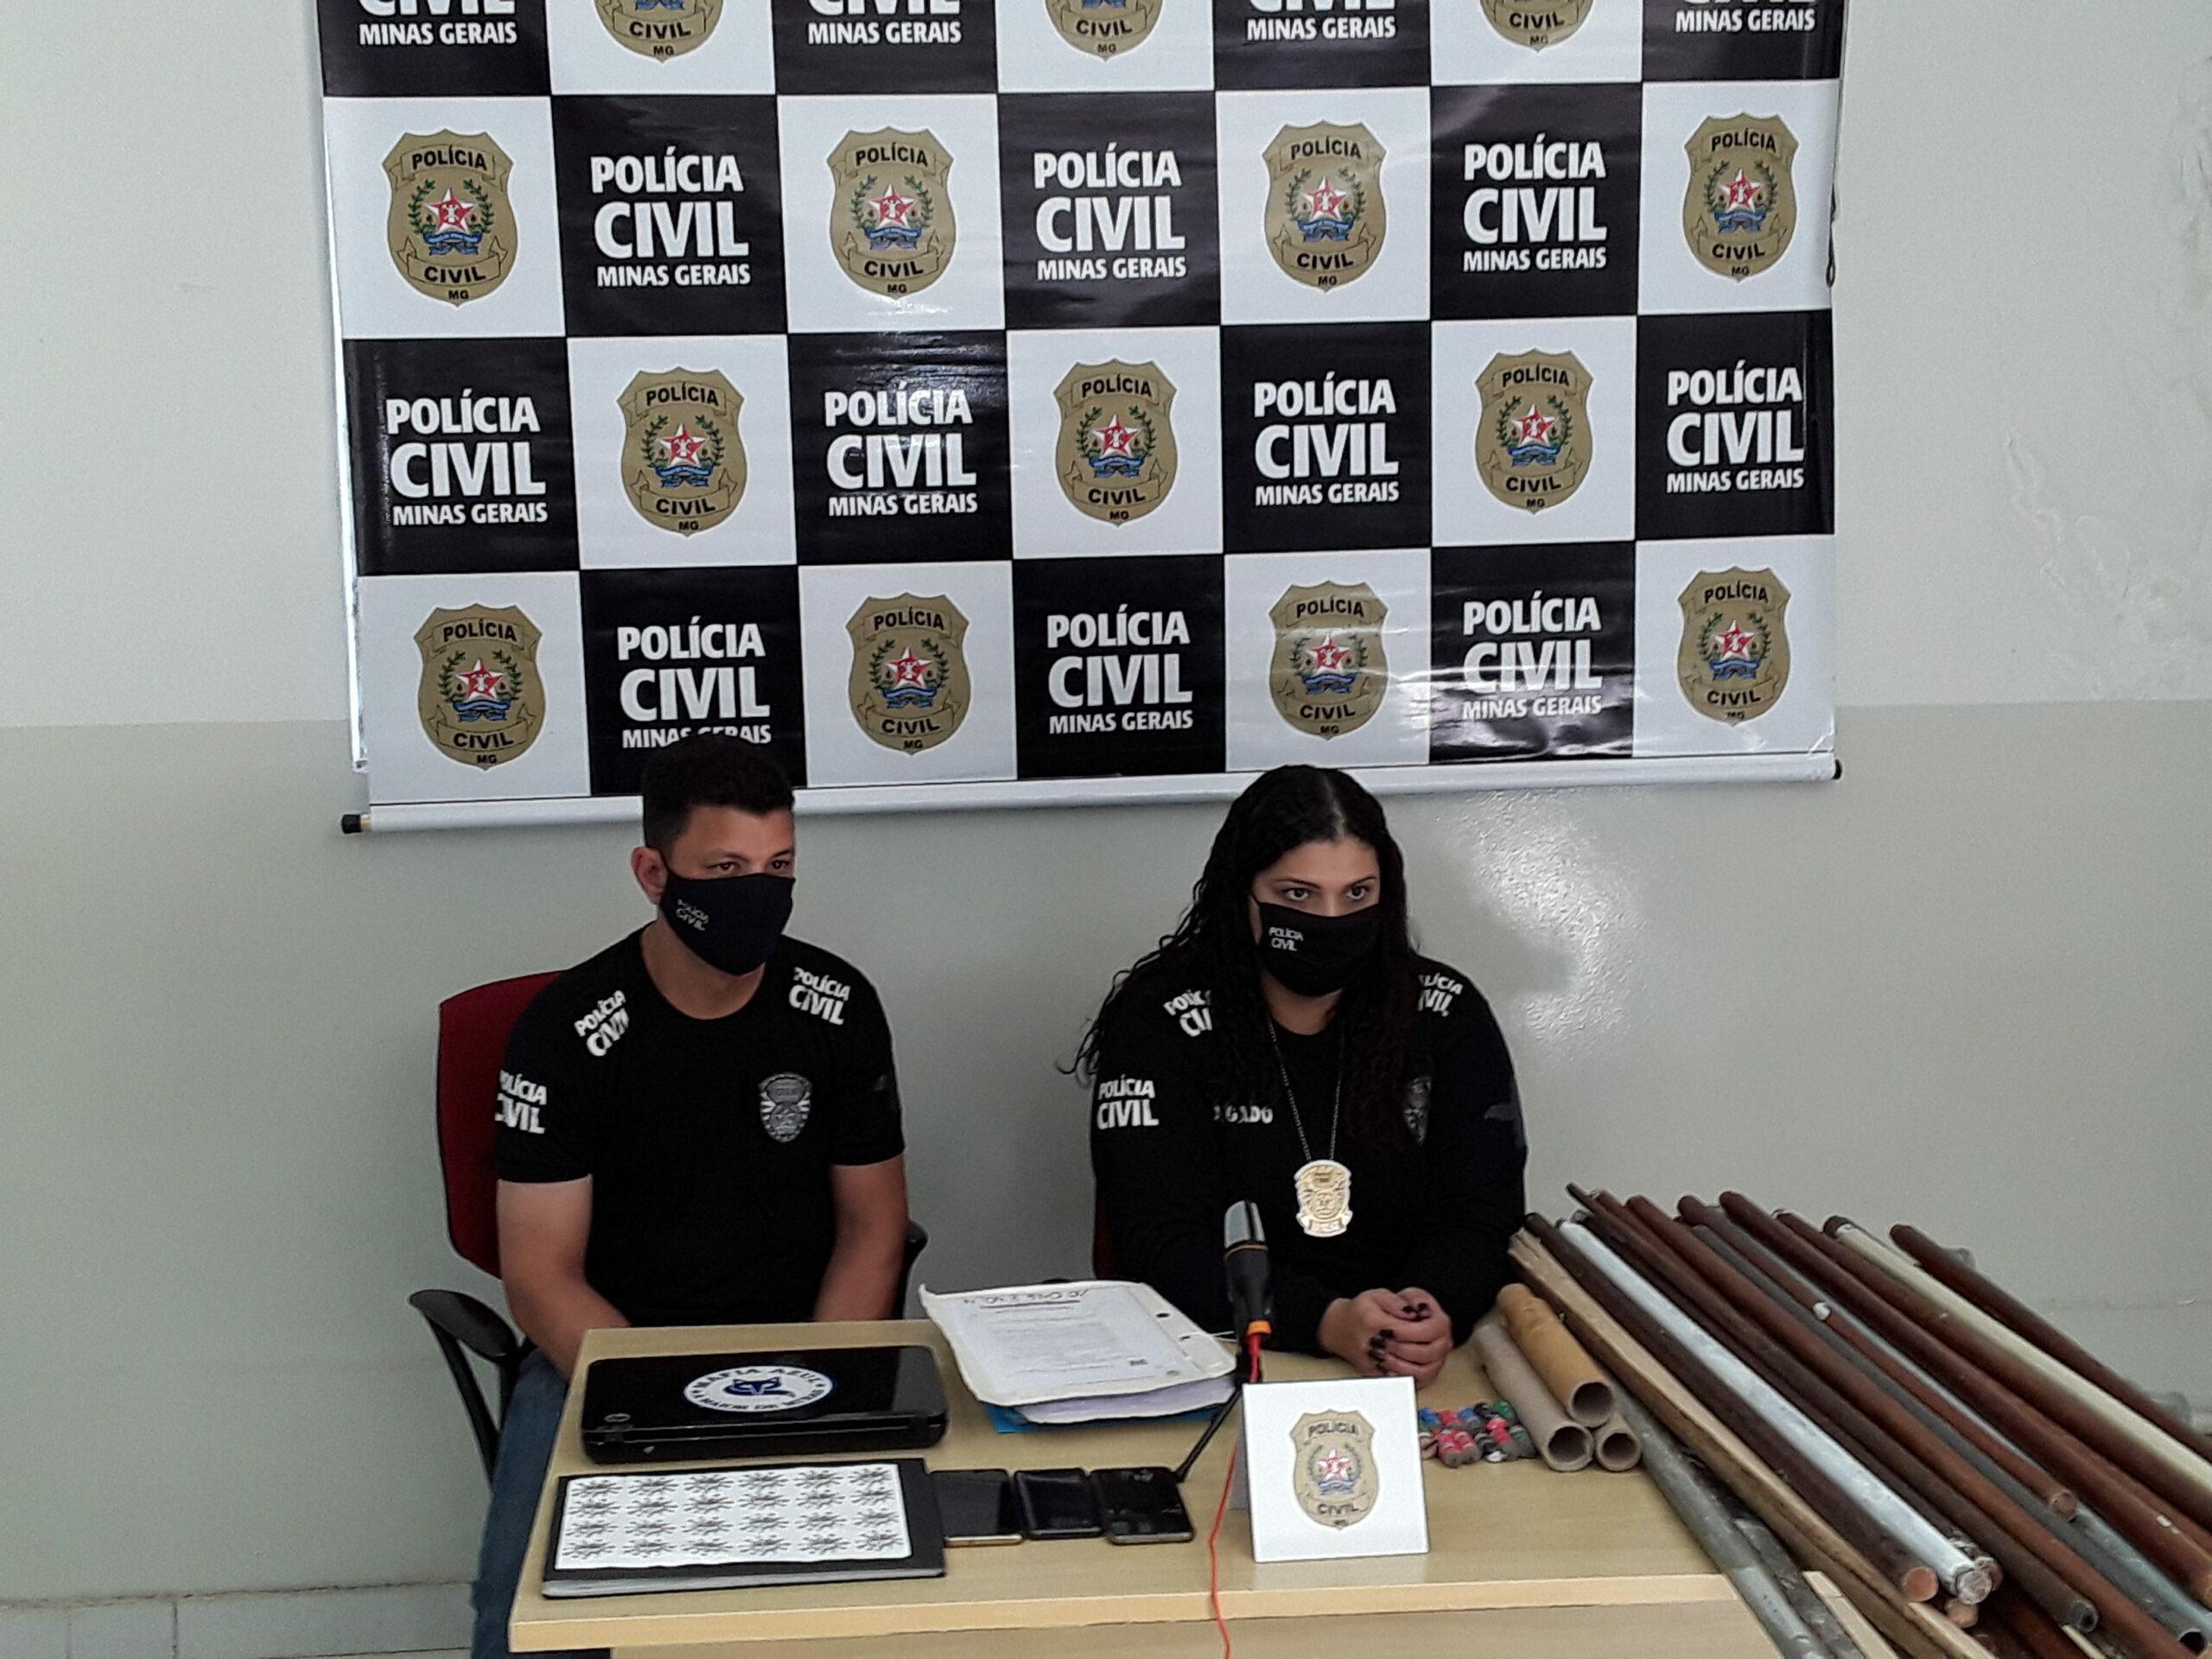 Delegada responsável pelo inquérito policial, Fabíola Oliveira - Foto: Divulgação/Polícia Civil